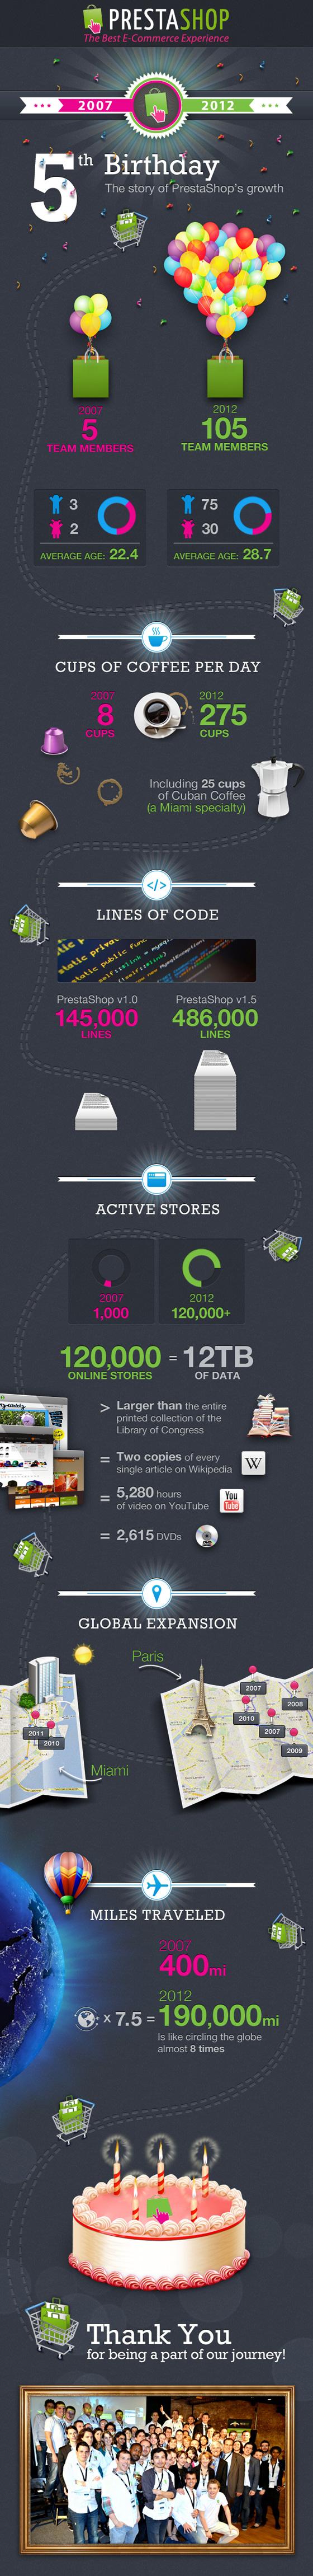 prestashop 5 ans infographie - L'actualité de Prestashop